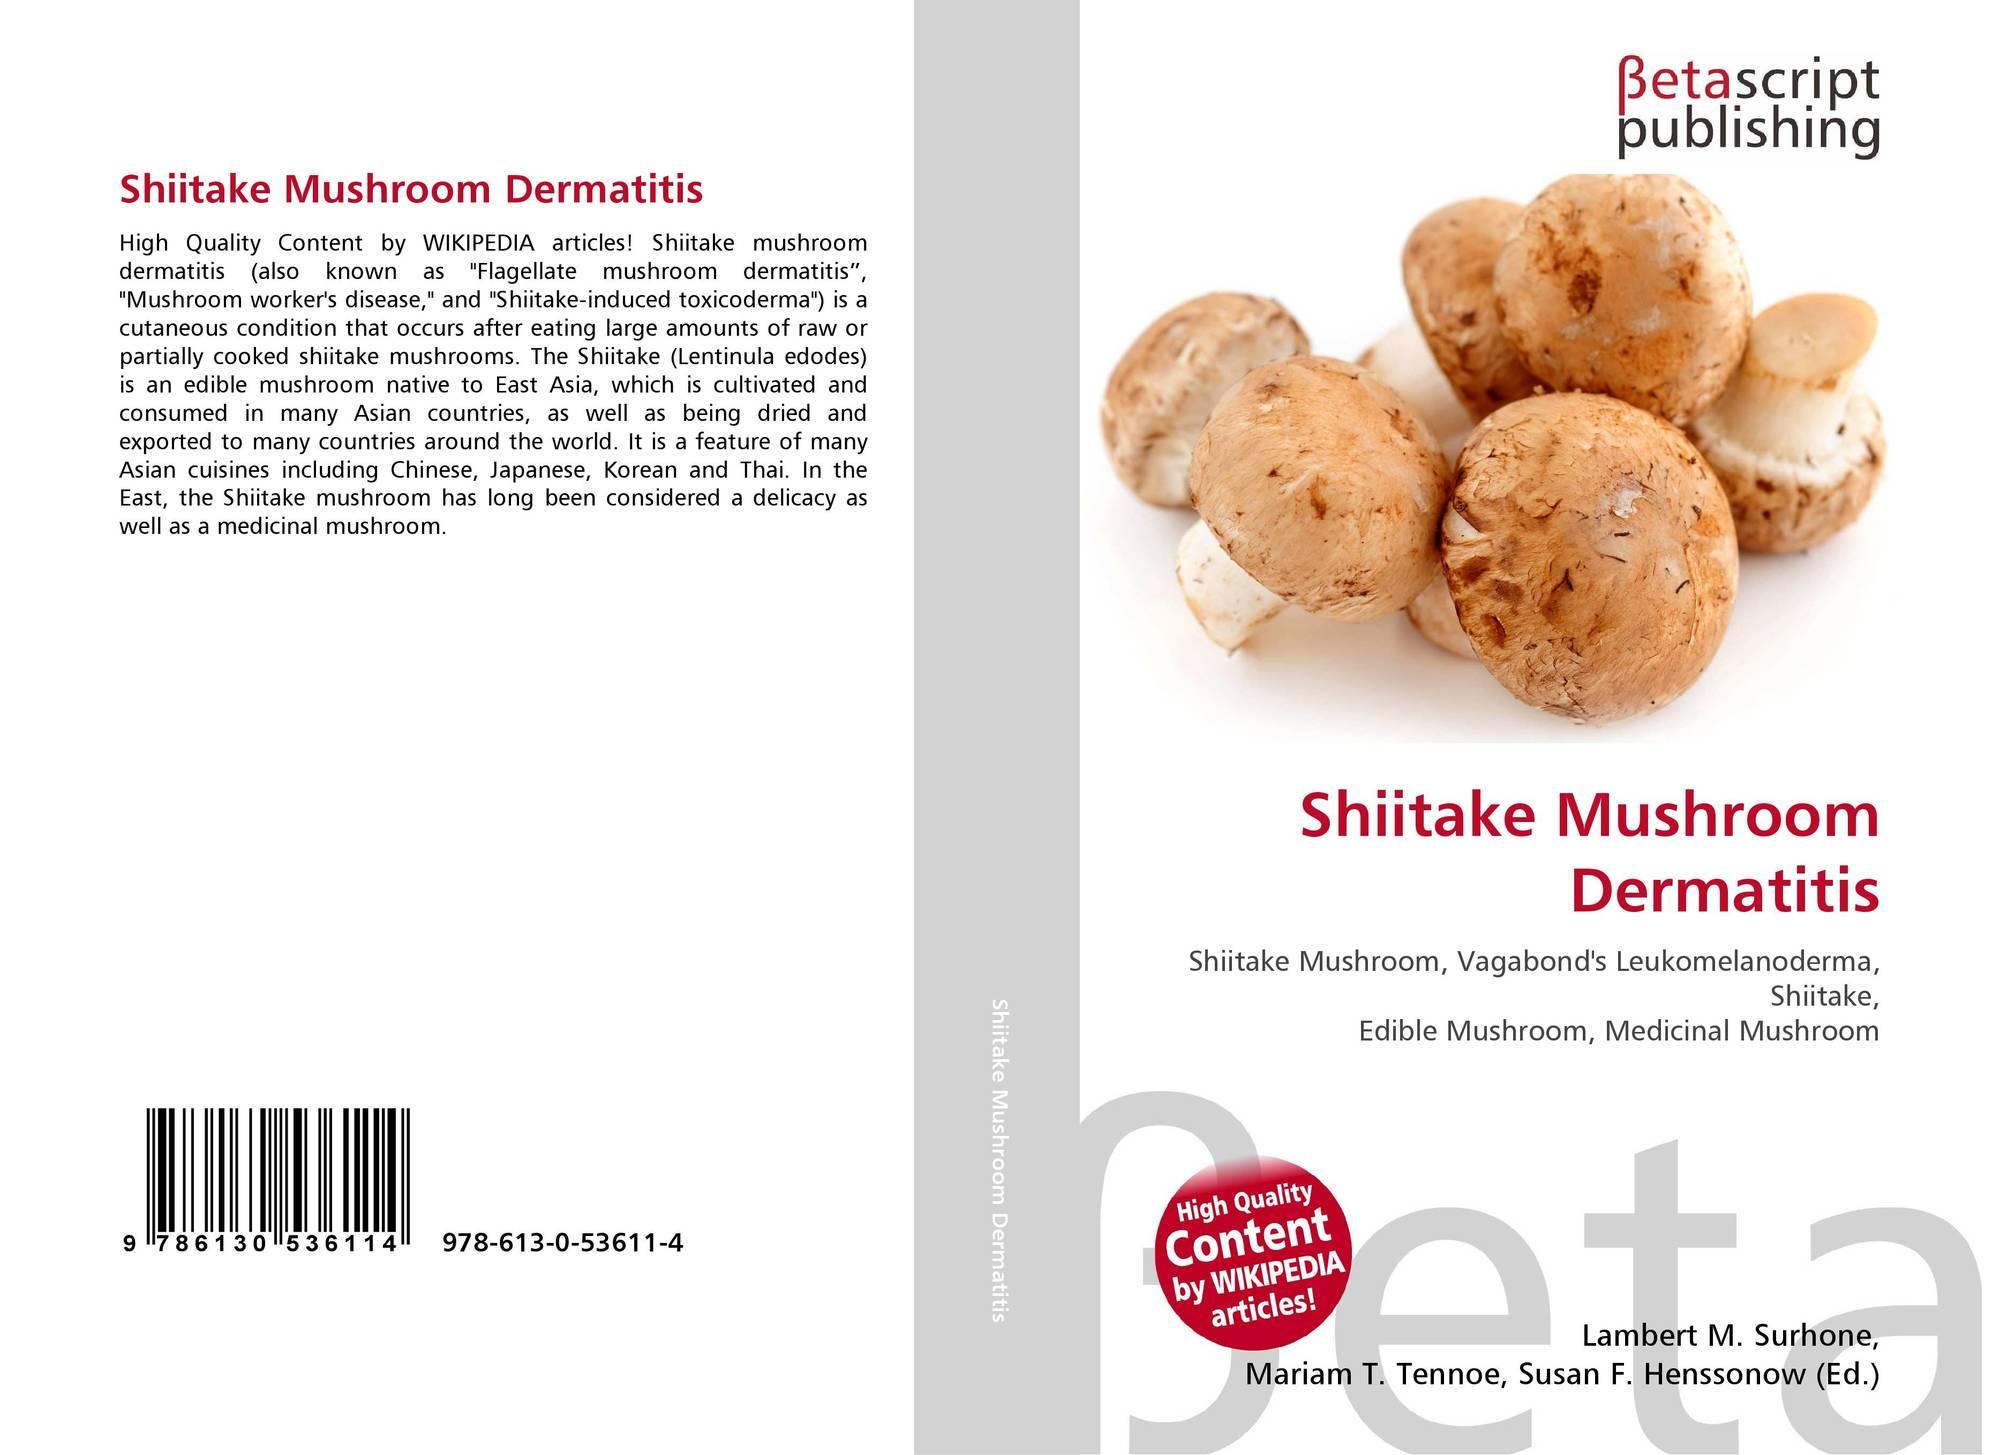 Shiitake Mushroom Dermatitis, 978-613-0-53611-4, 6130536119